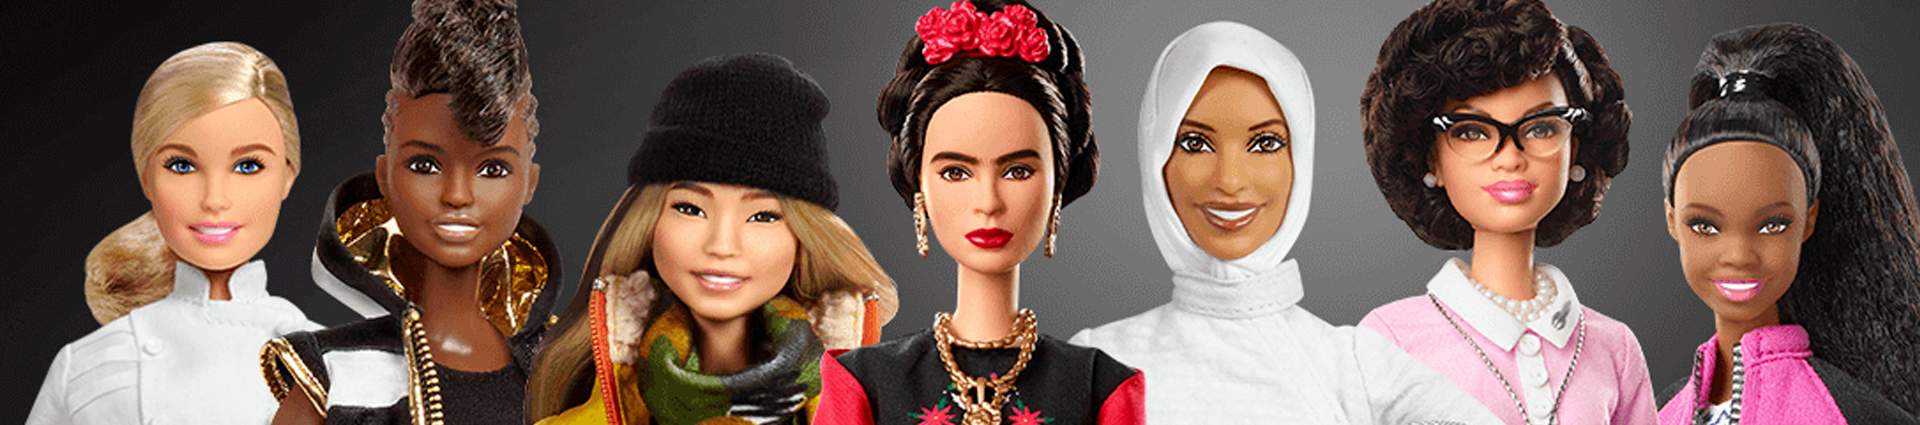 Événements - Barbie Second Life